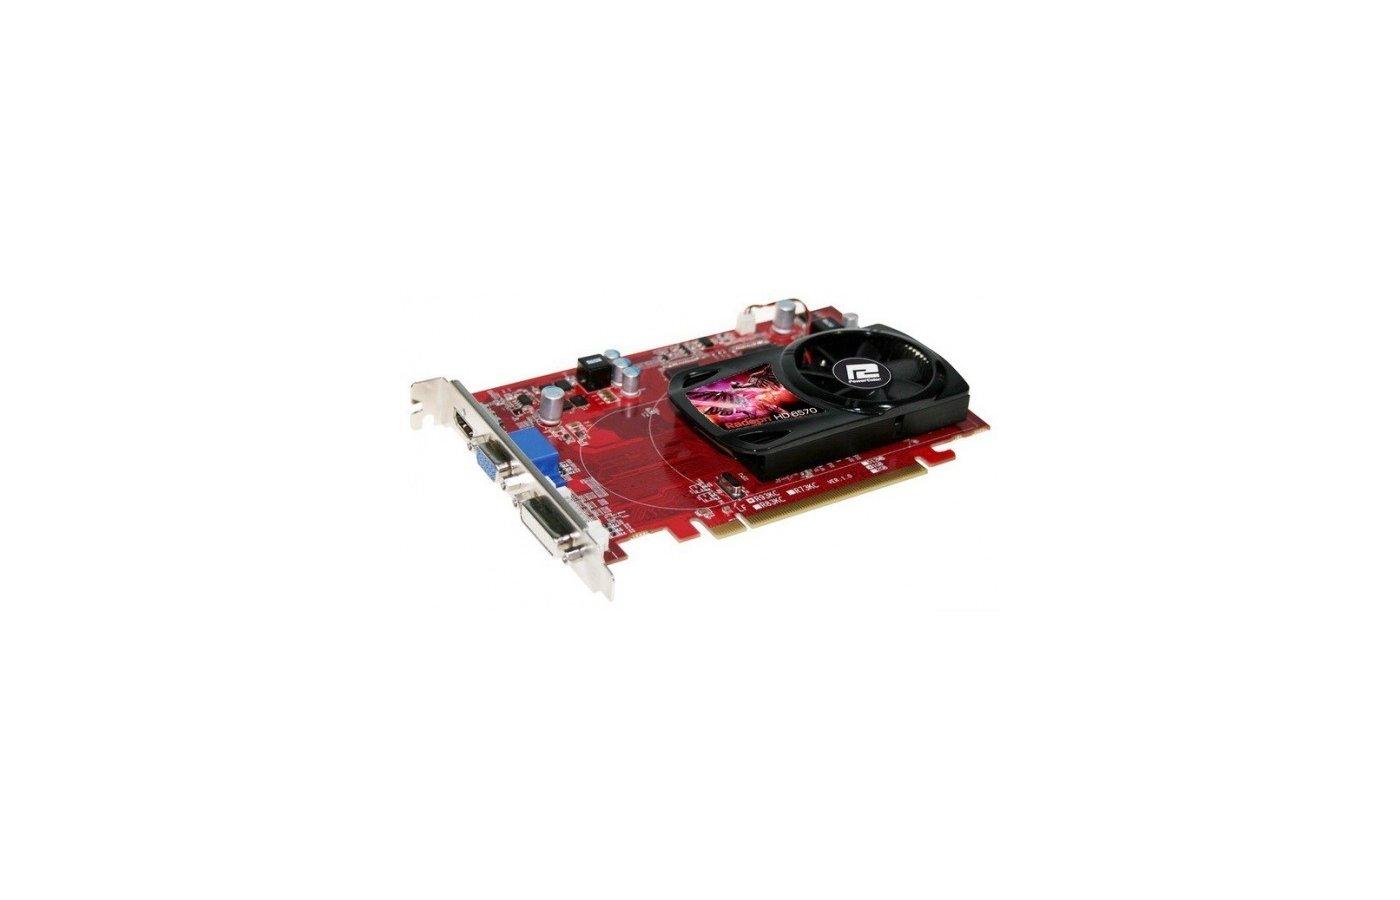 Видеокарта PowerColor PCI-E AX6570 1GBD3-HE AMD Radeon HD 6570 1024Mb 128bit oem